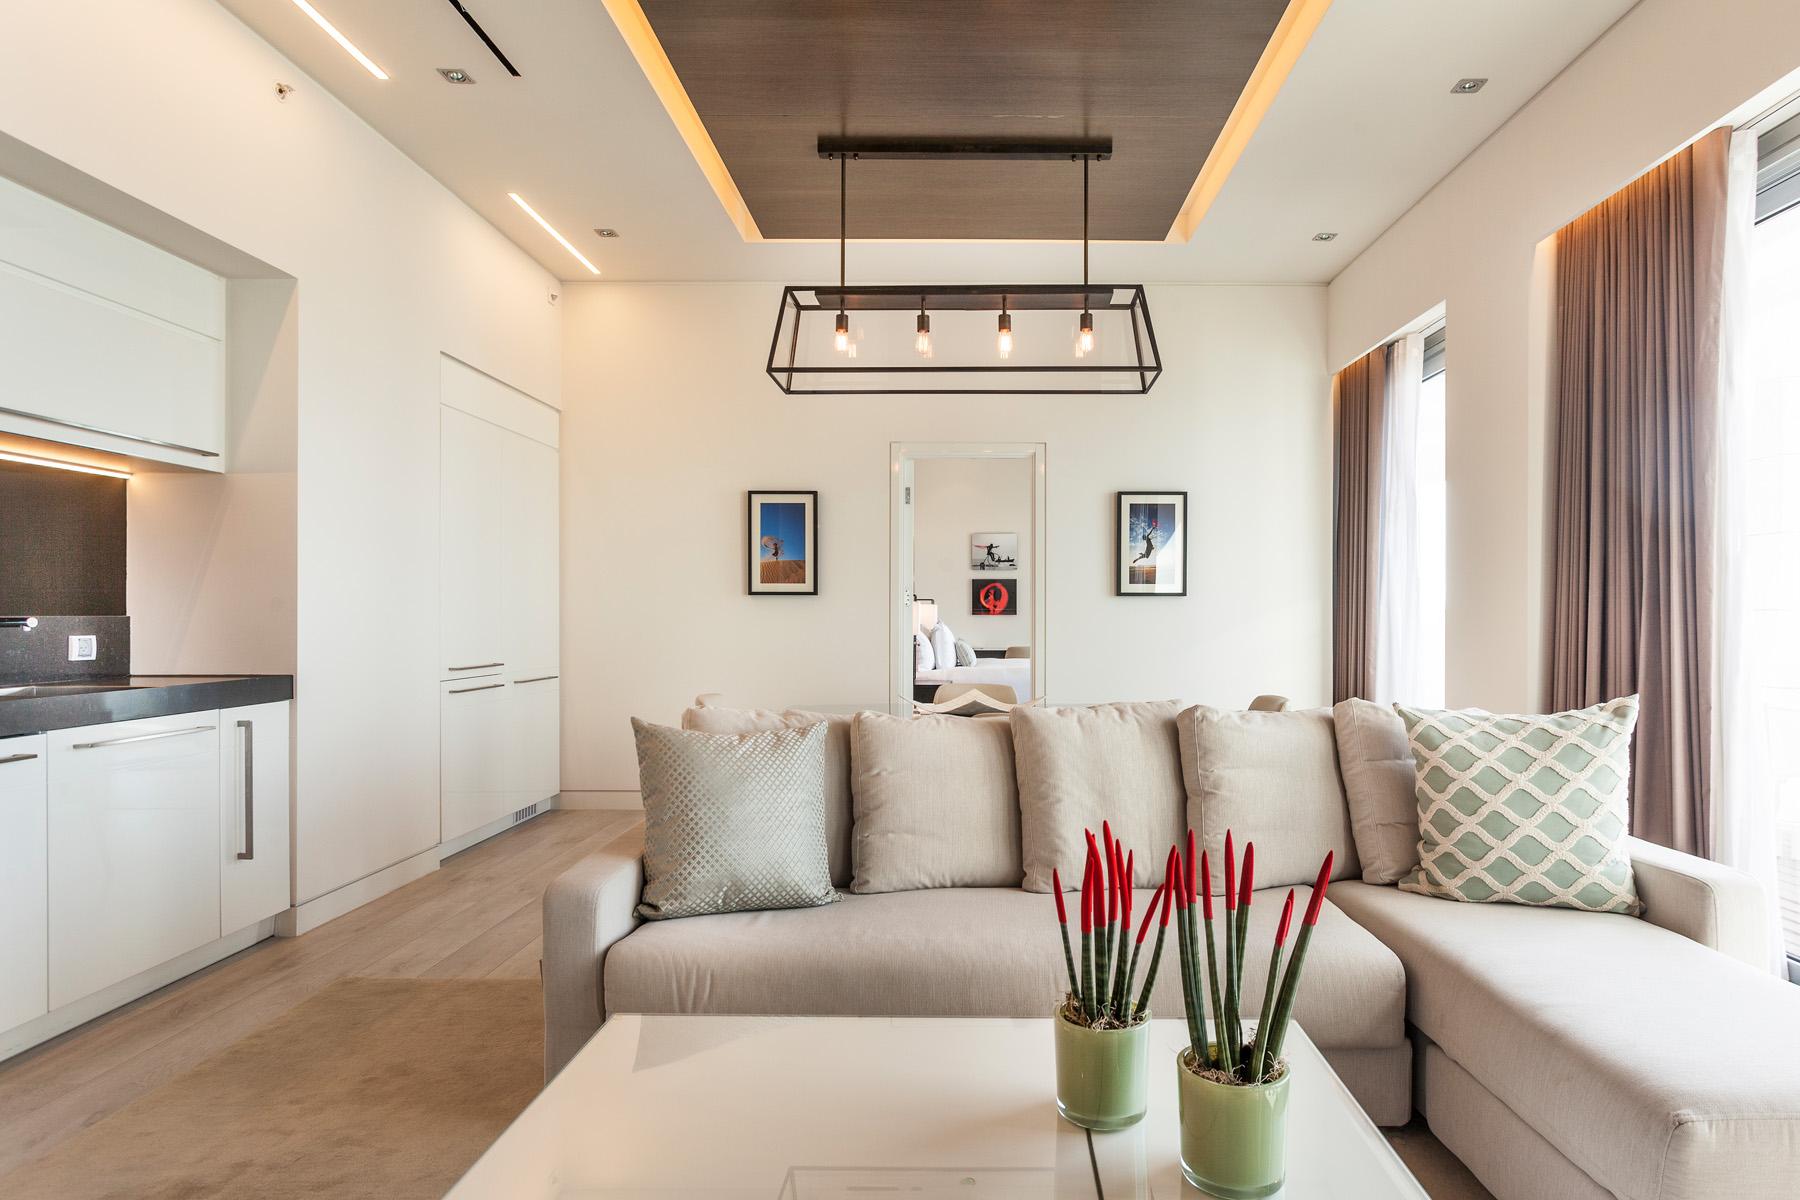 Additional photo for property listing at Ritz-Carlton Residences Herzliya Apartment Herzliya, Israel Israel